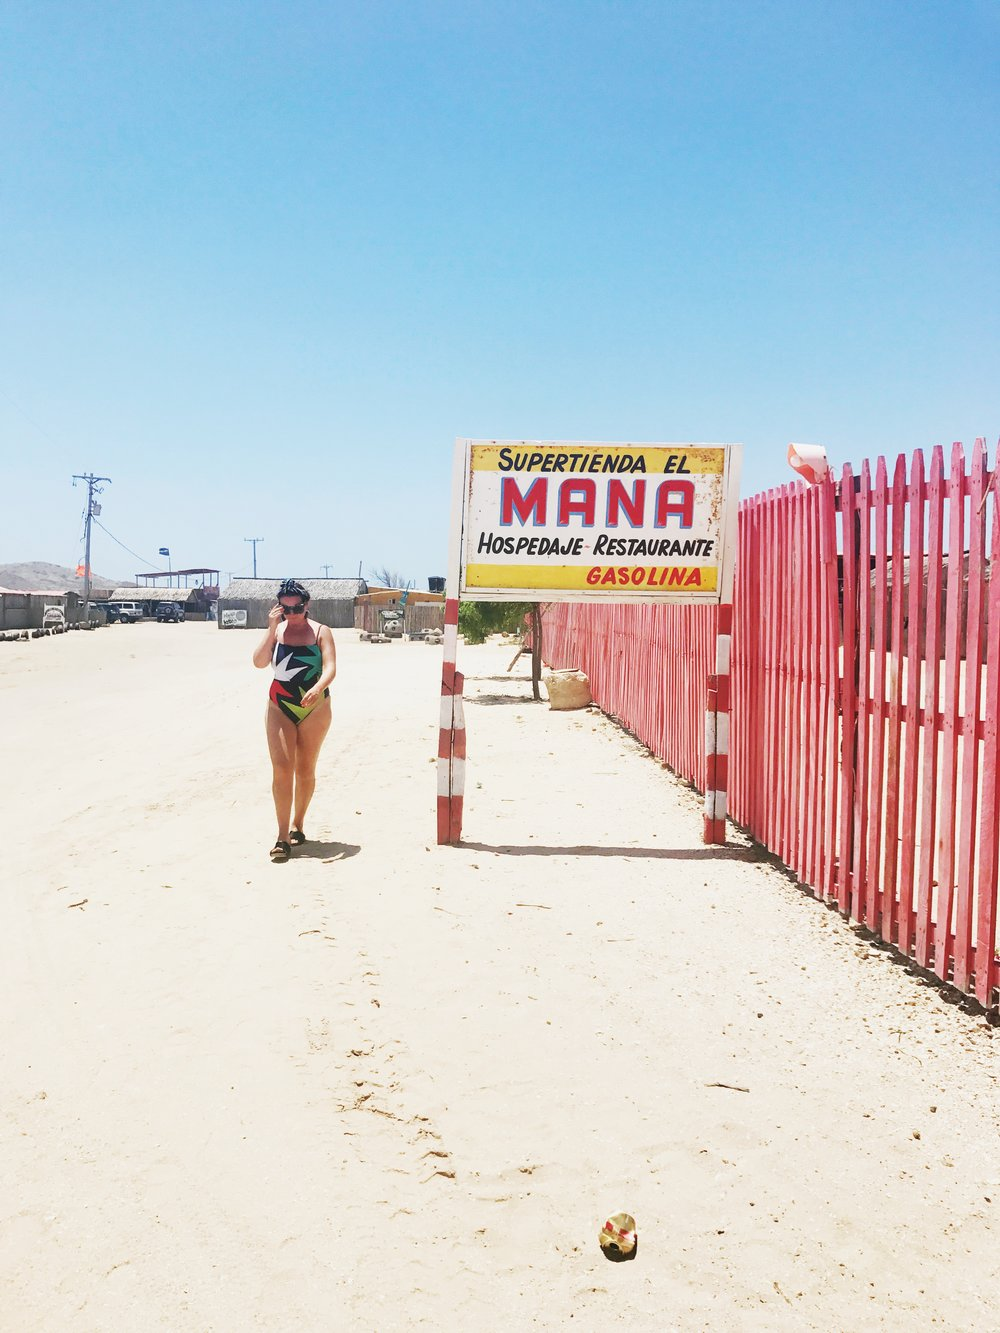 Photos from Katalina's trip to La Guajira